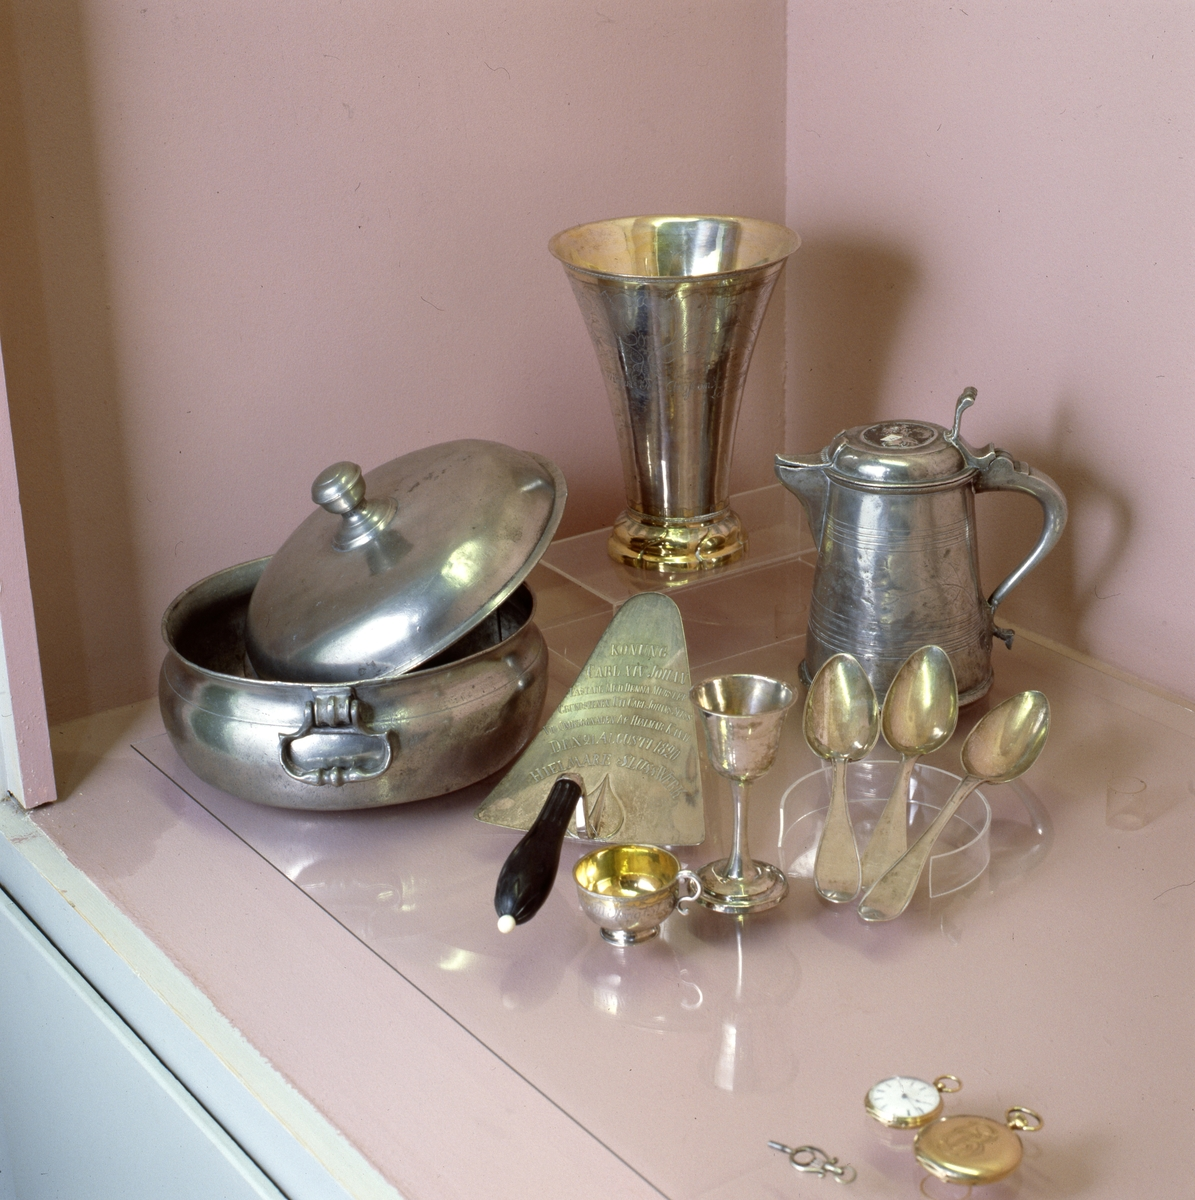 Arboga museum, samling. Föremål av silver och tenn. En pokal, en stånka, en skål med lock, en tårtspade, en punchbägare, en bägare på fot, tre matskedar och två fickur.